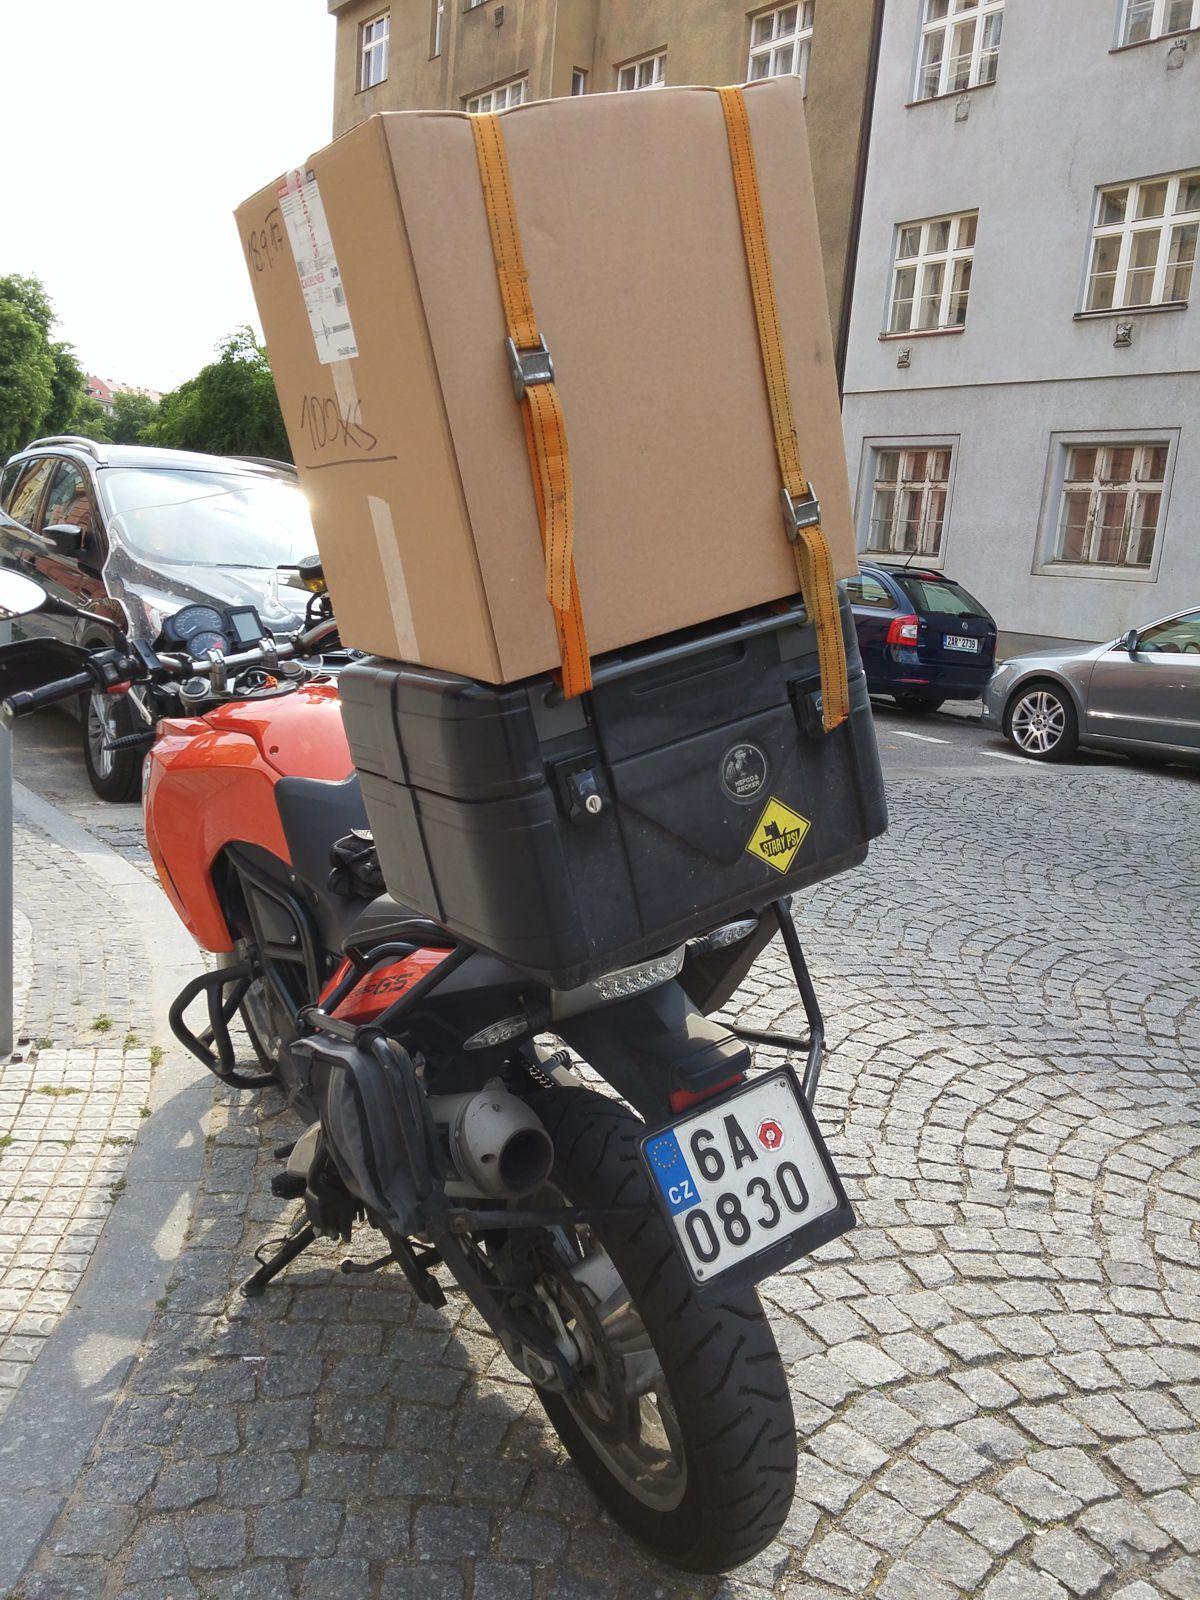 http://suzukibandit.cz/openforum/uploads/36_01.jpg